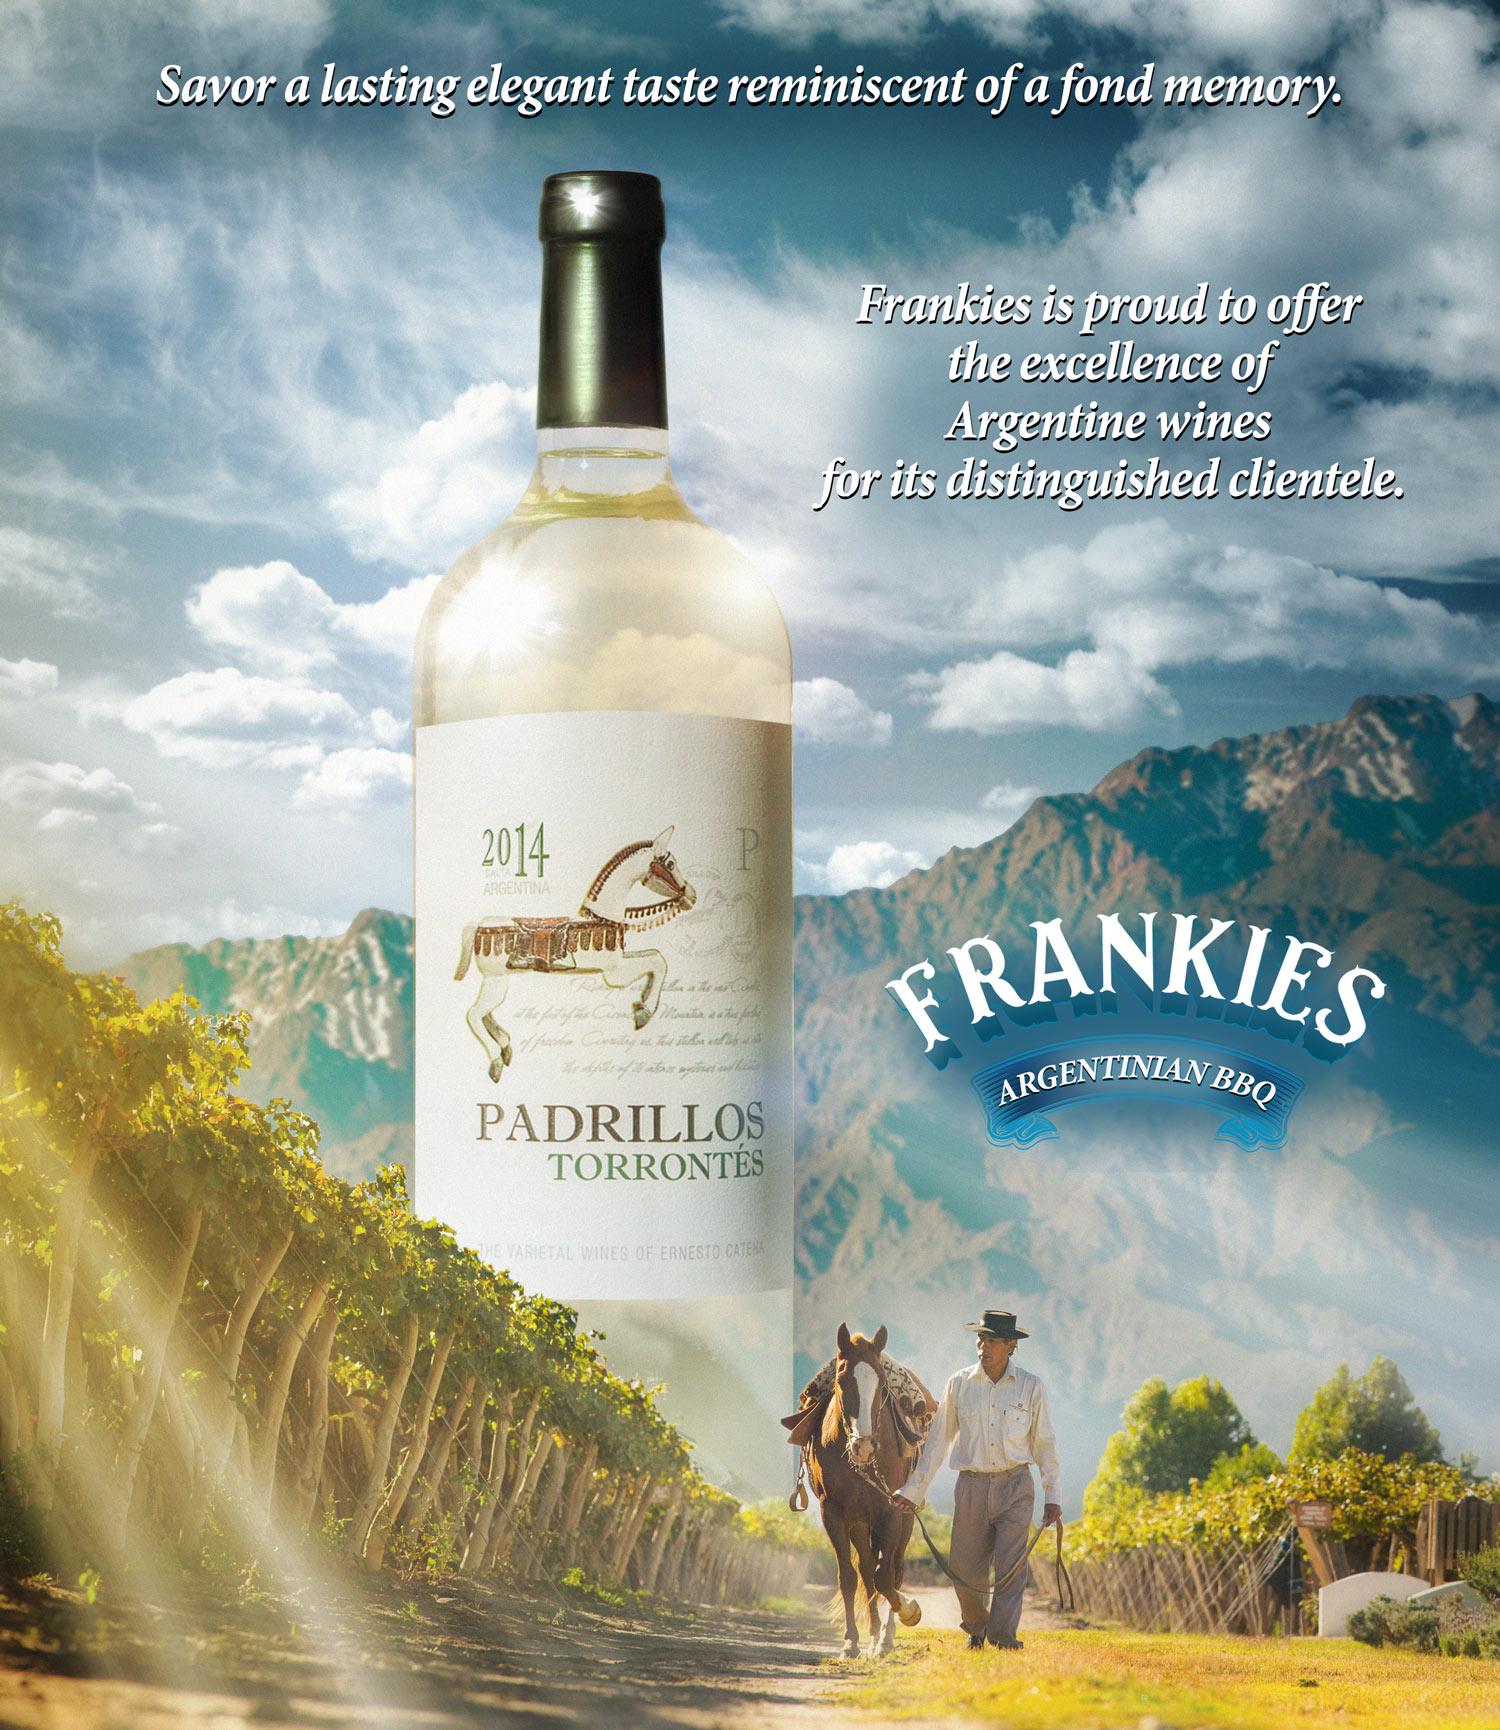 frankies_wine_pride_02_web.jpg